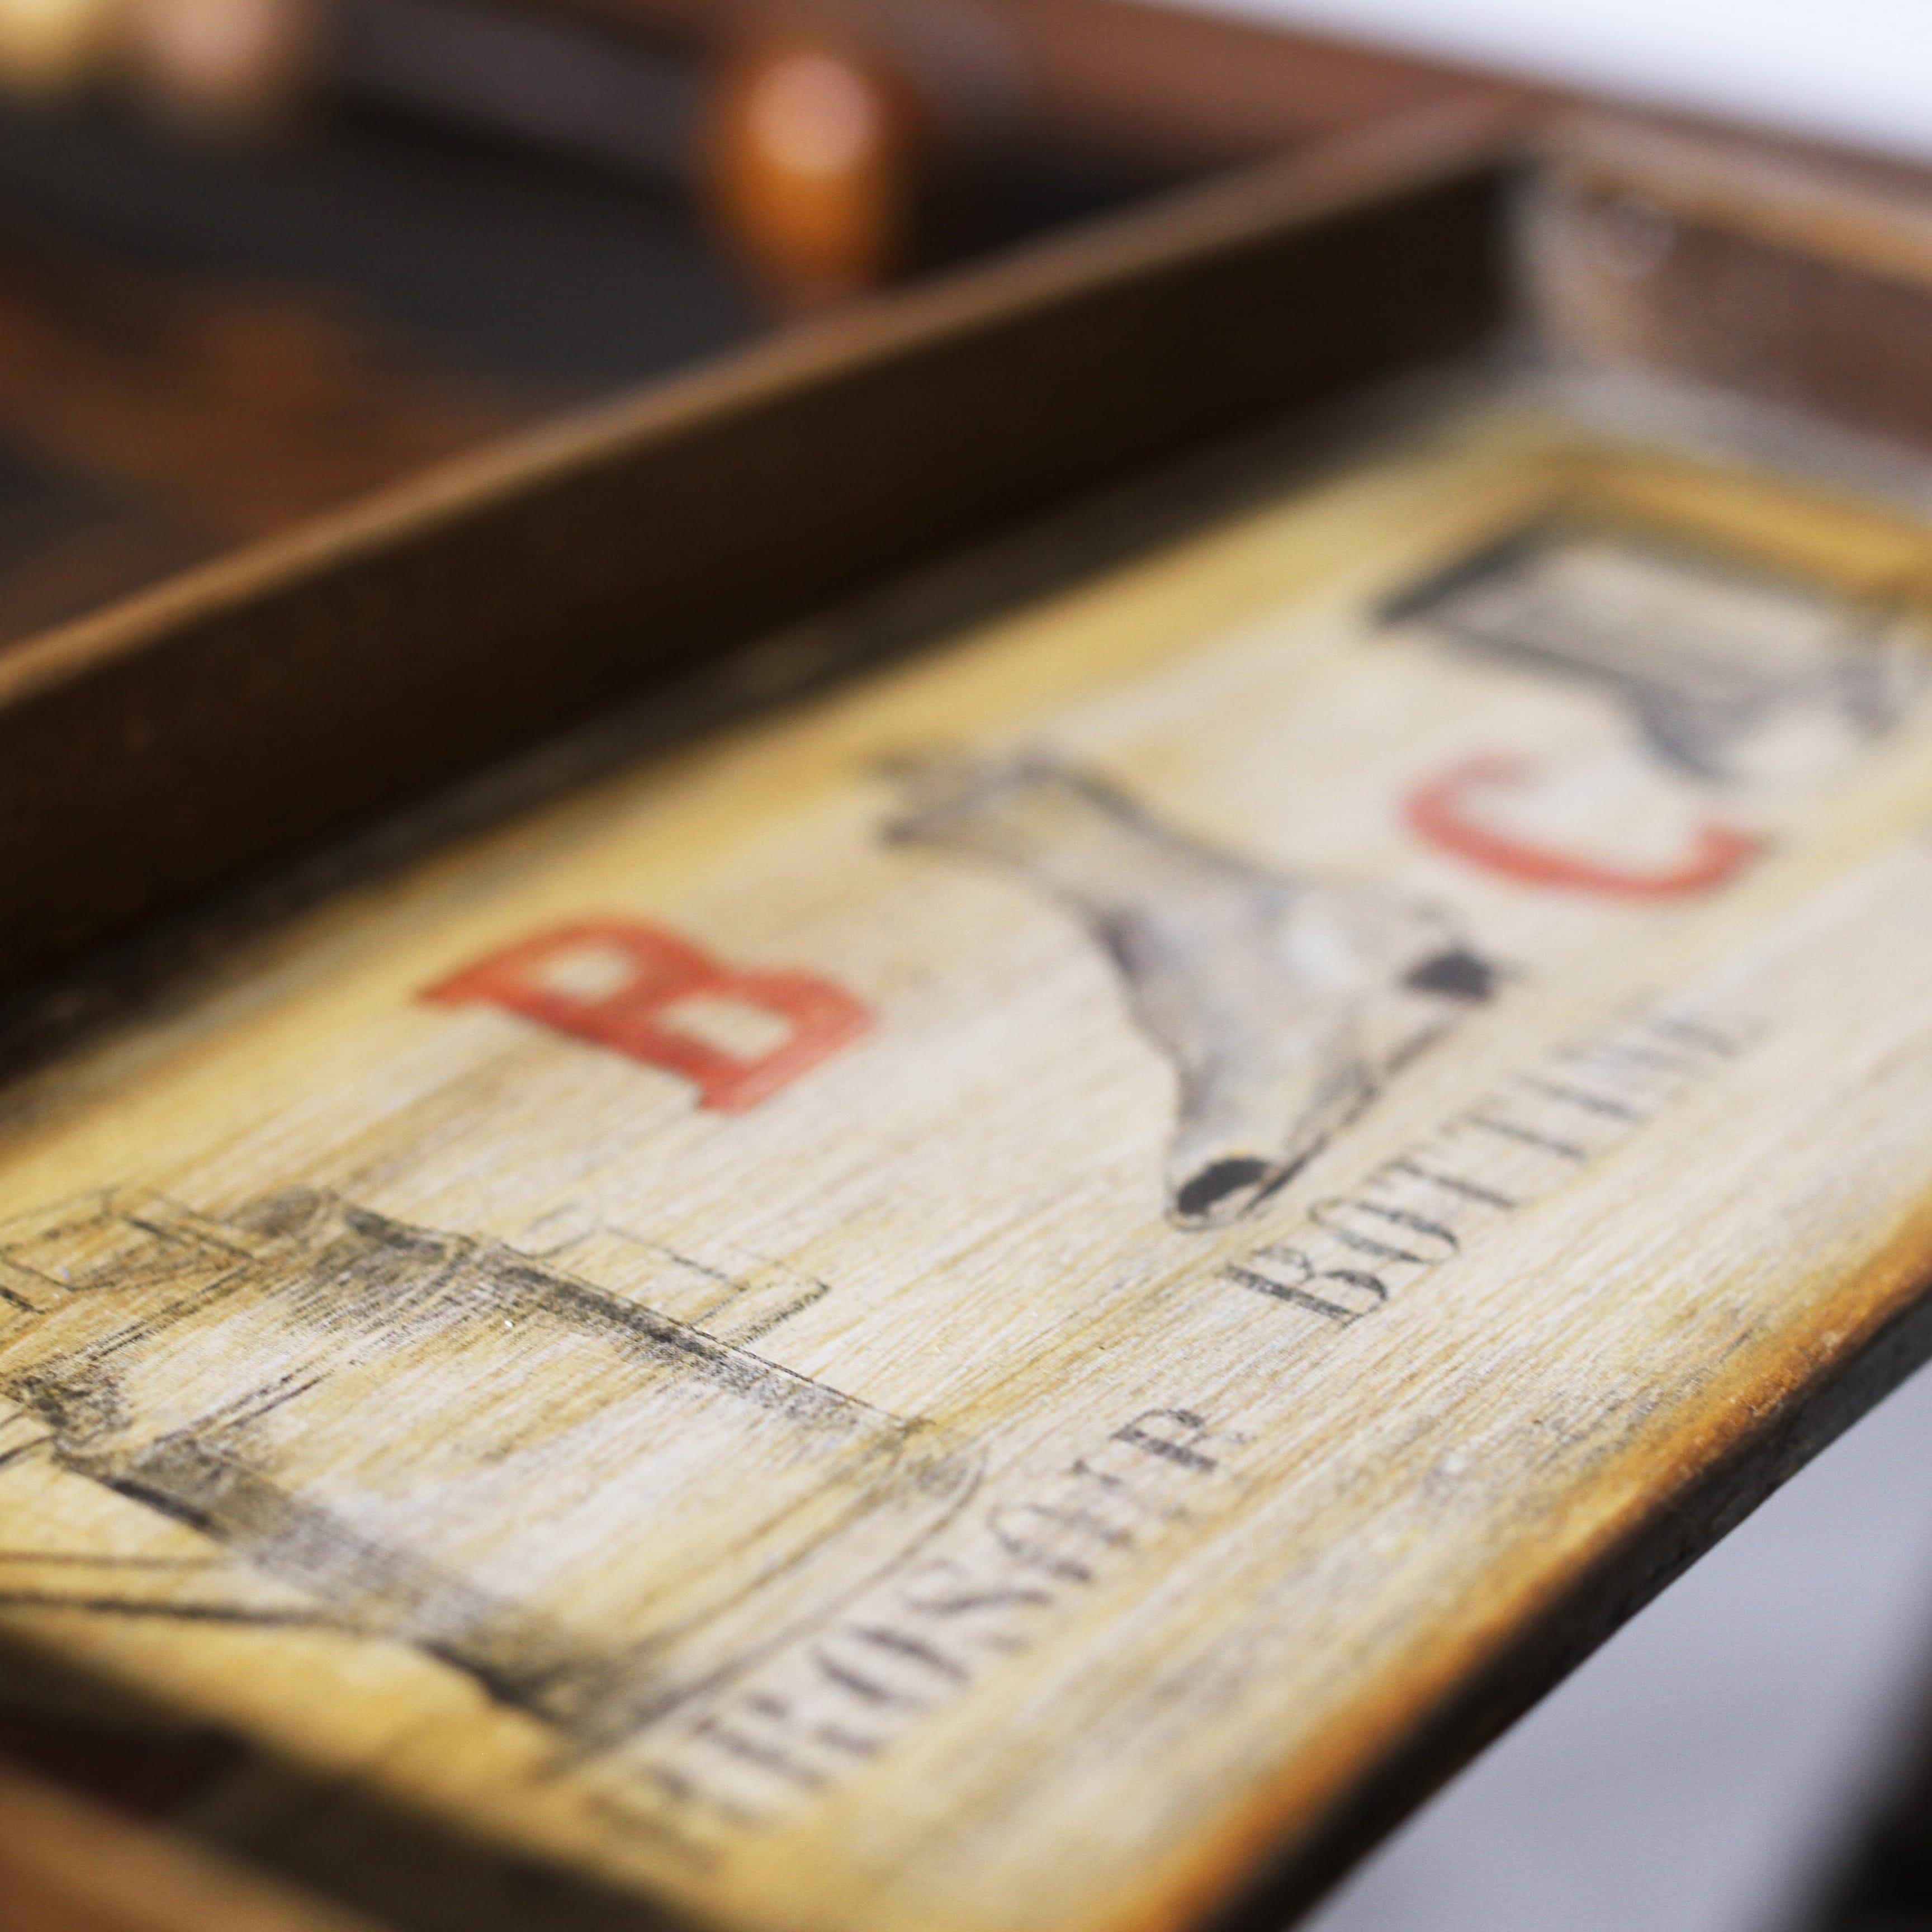 Comment Reussir Le Transfert D Image Annie Sloan Ce N Est Pas Que La Chalk Paint 4 La Fee Caseine